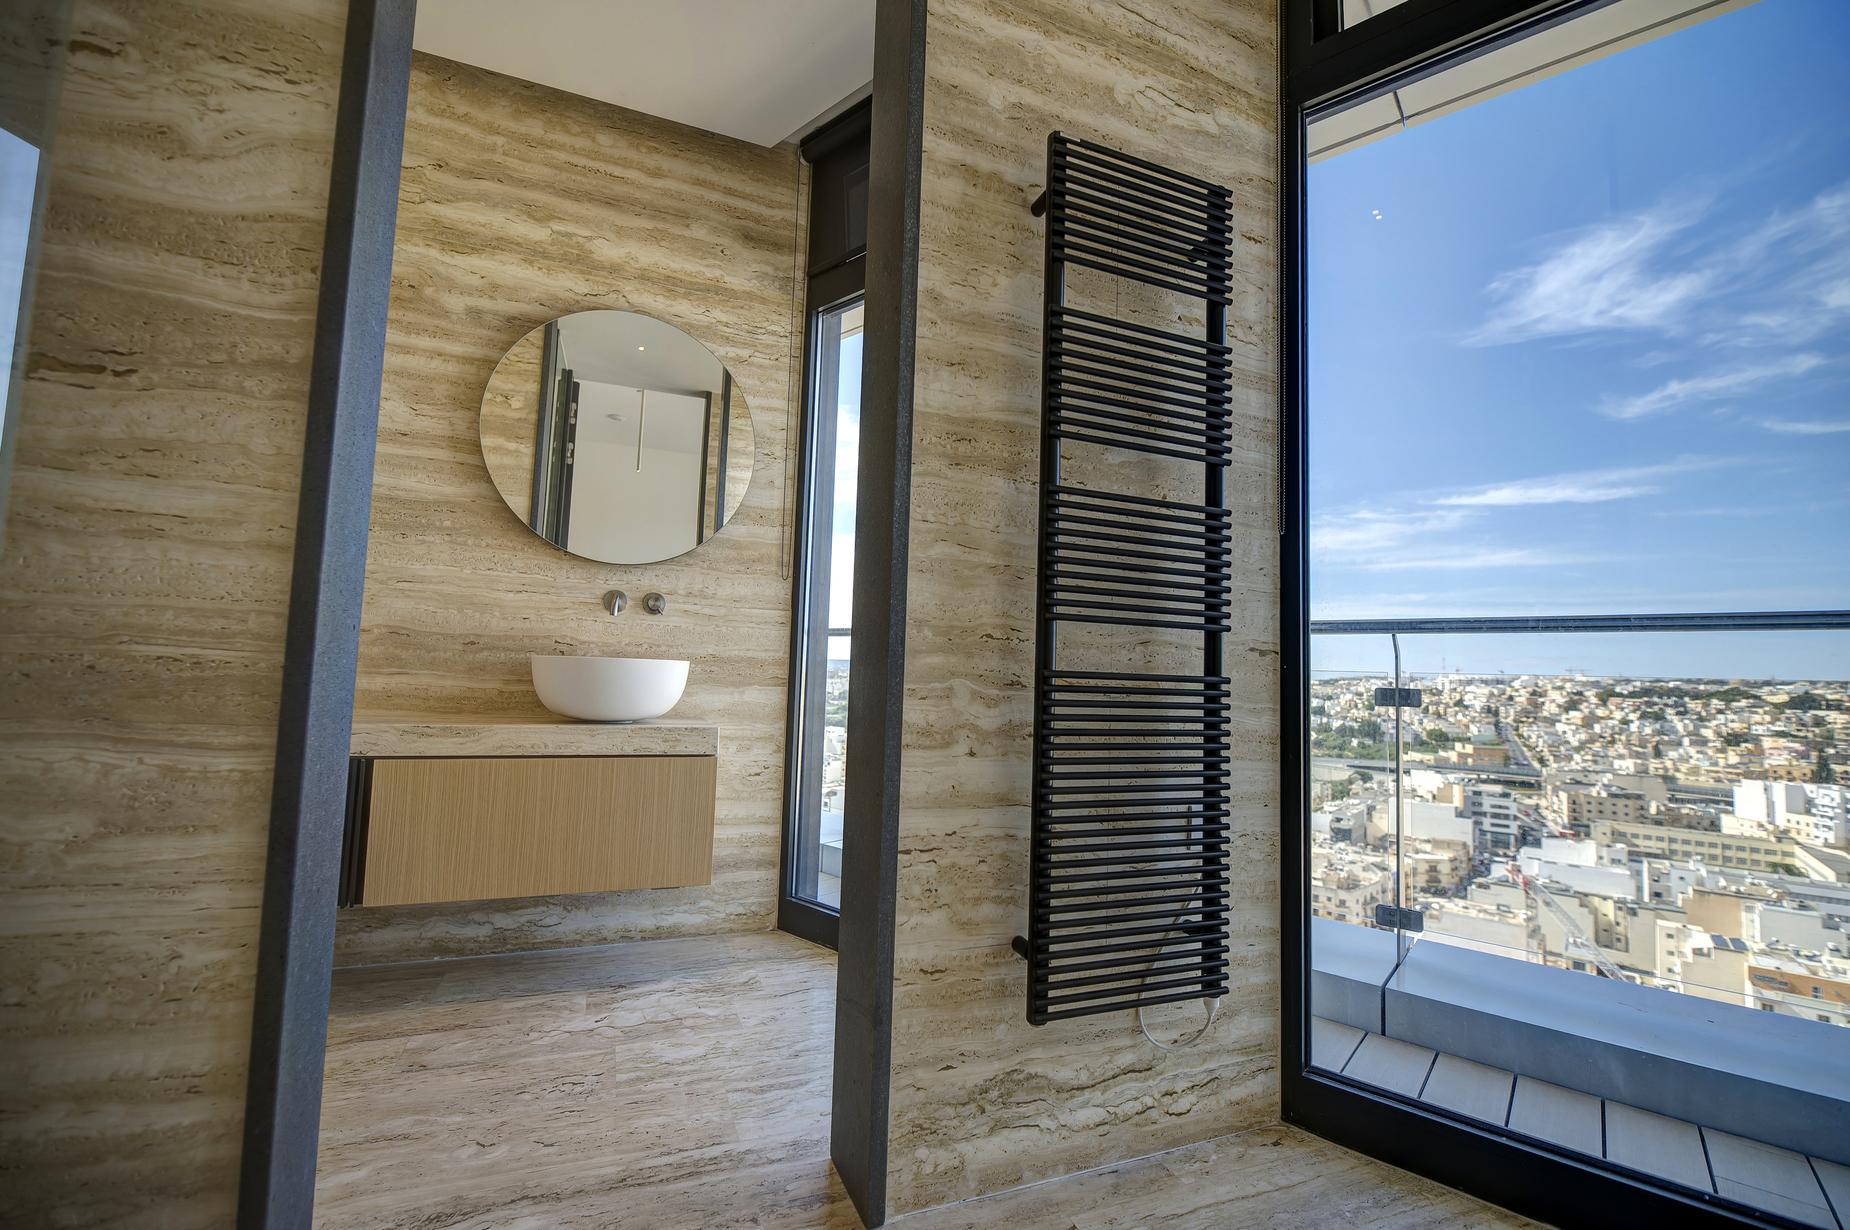 3 bed Apartment For Sale in Gzira, Gzira - thumb 28